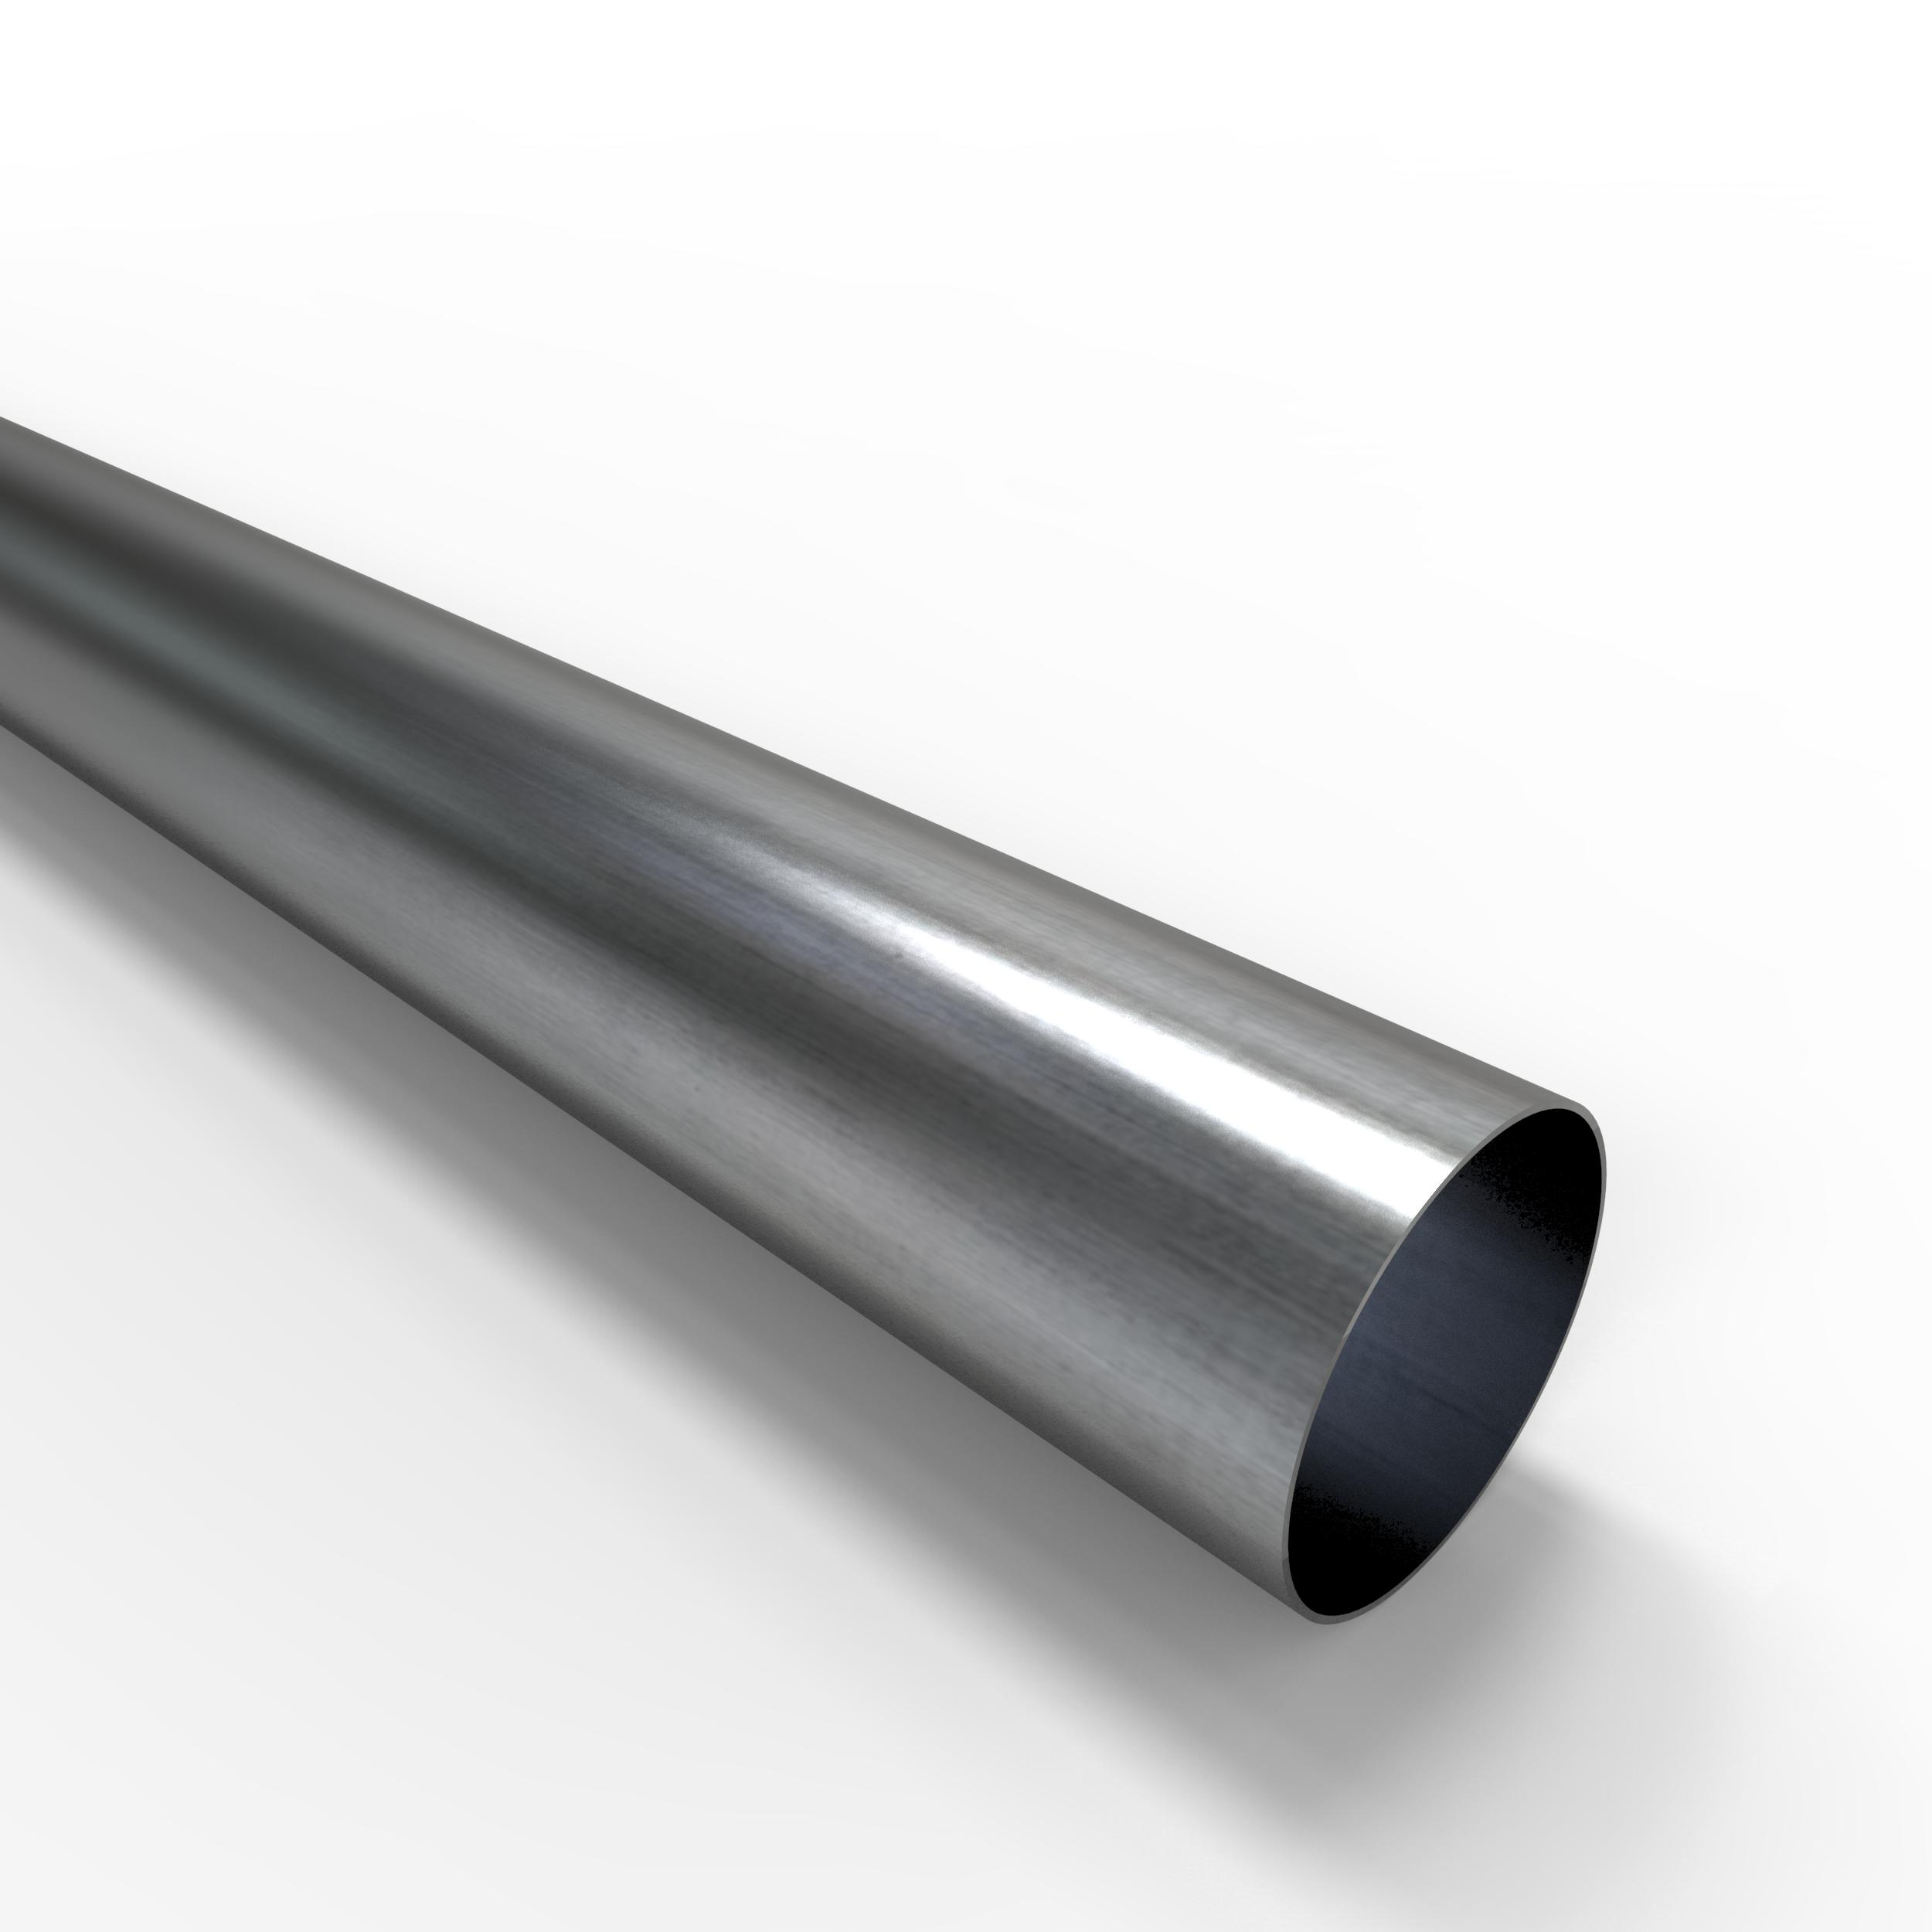 Auspuff Bandschelle  Ø 58,5 mm 2 x Auspuffschelle für Abgasanlage